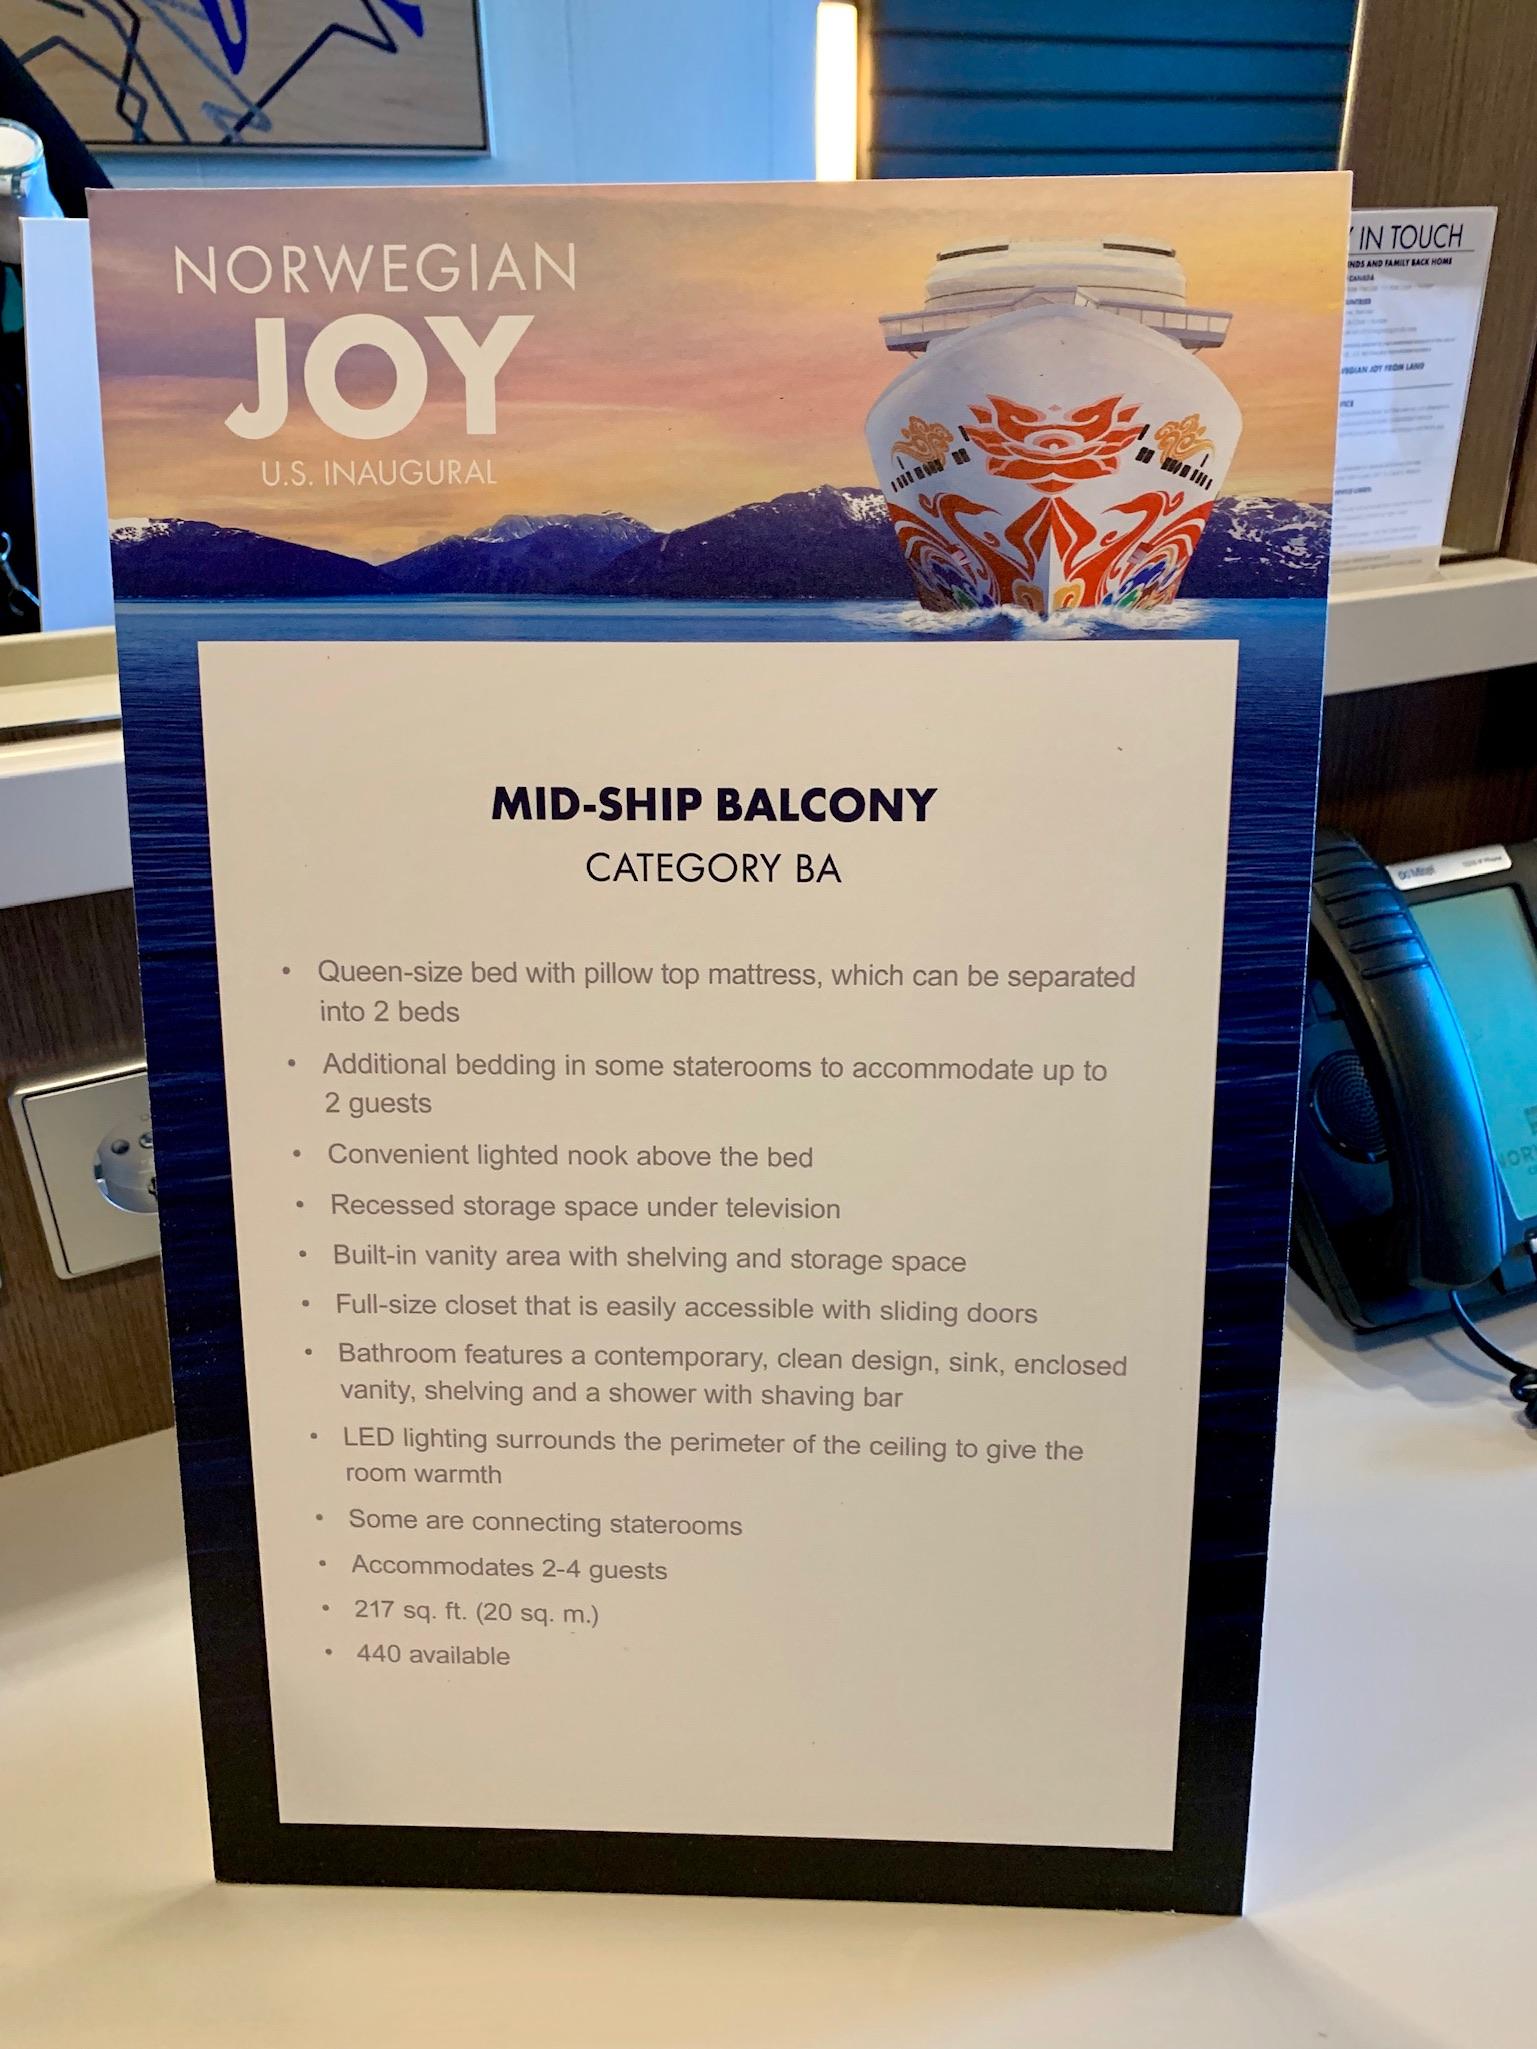 NCL Joy Midship Balcony Room